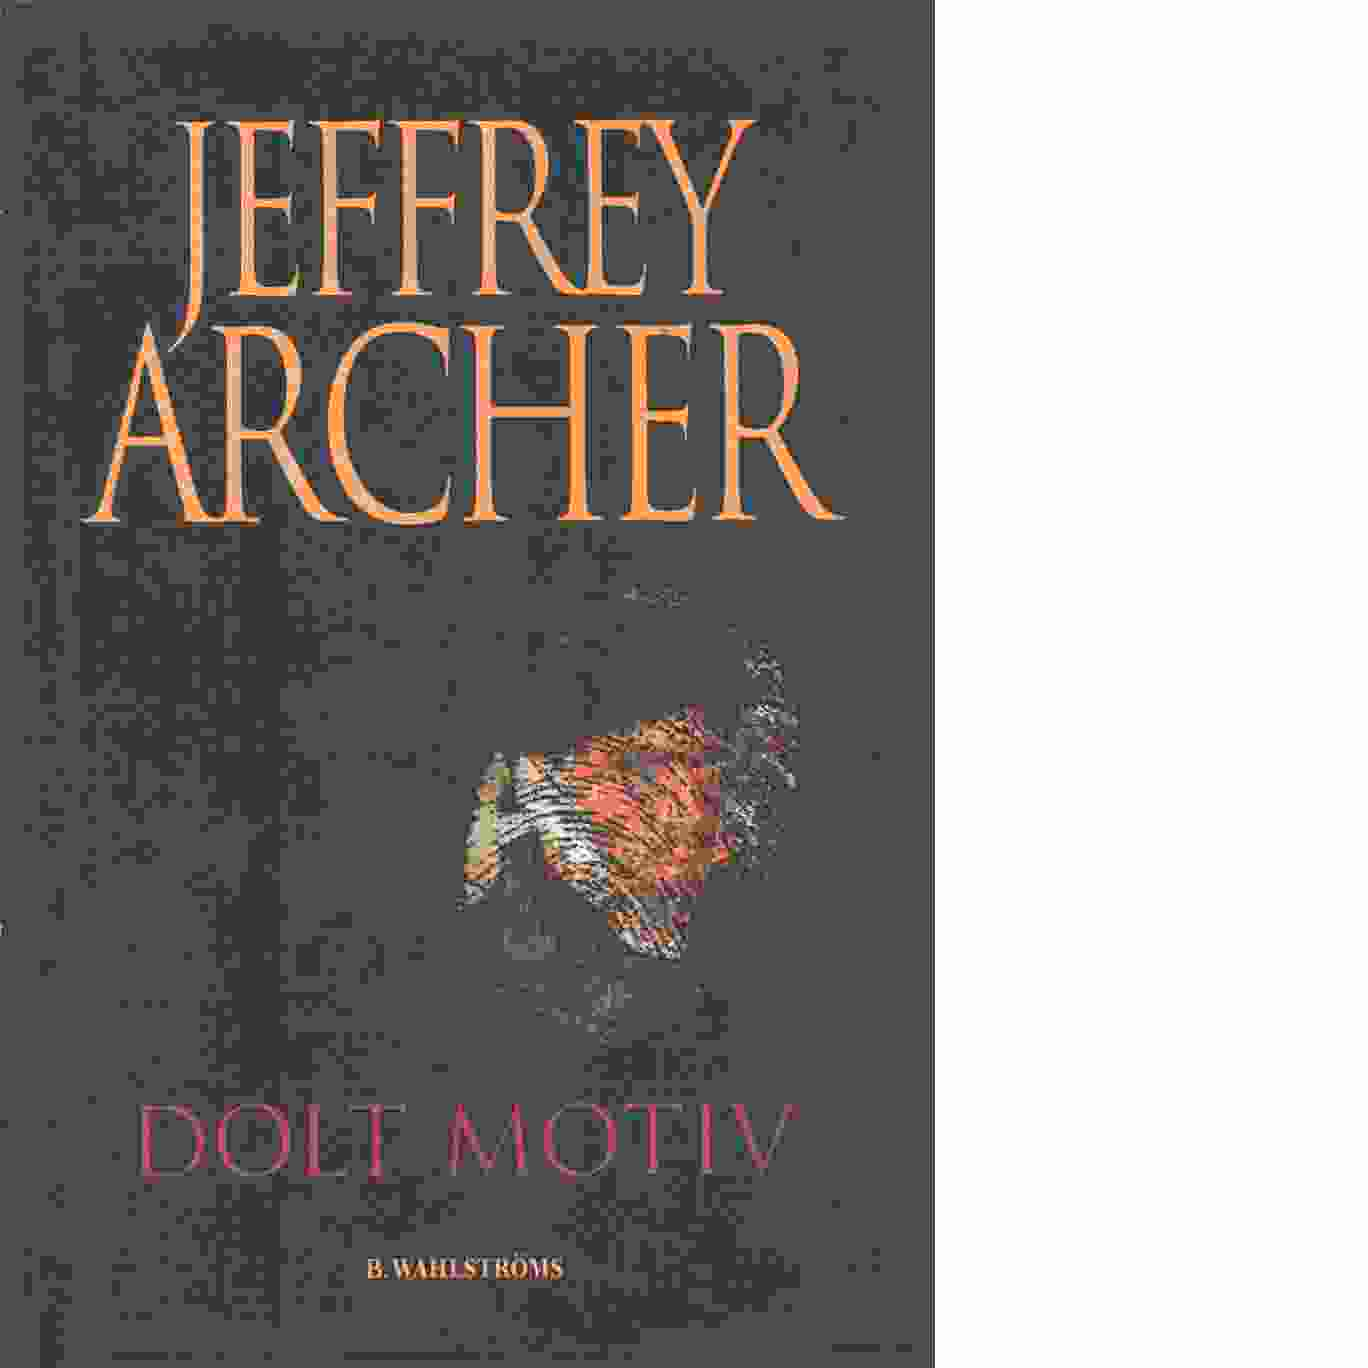 Dolt motiv - Archer, Jeffrey